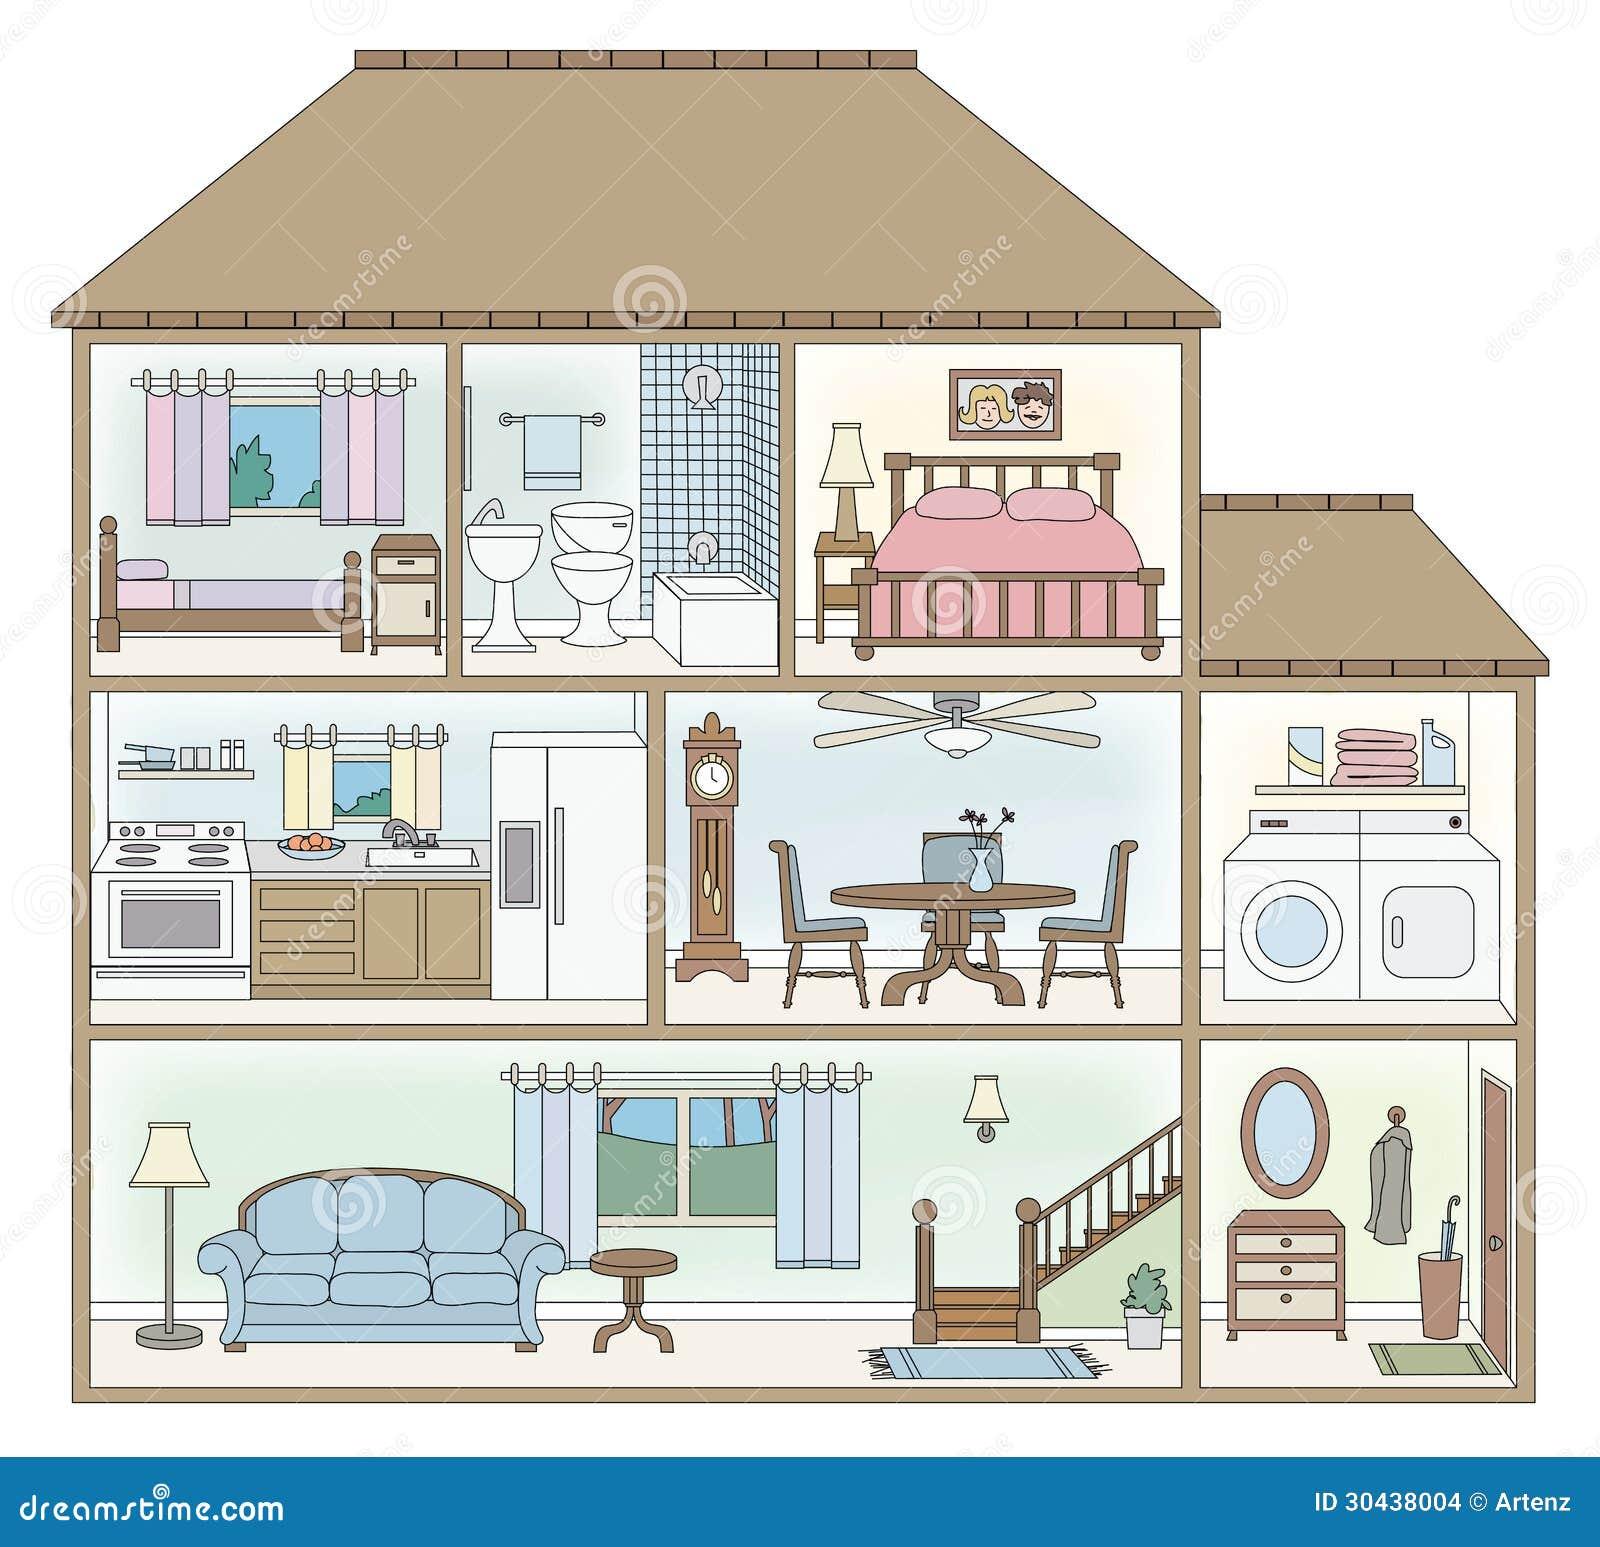 Sezione trasversale della camera illustrazione vettoriale for Costruzione di case americane